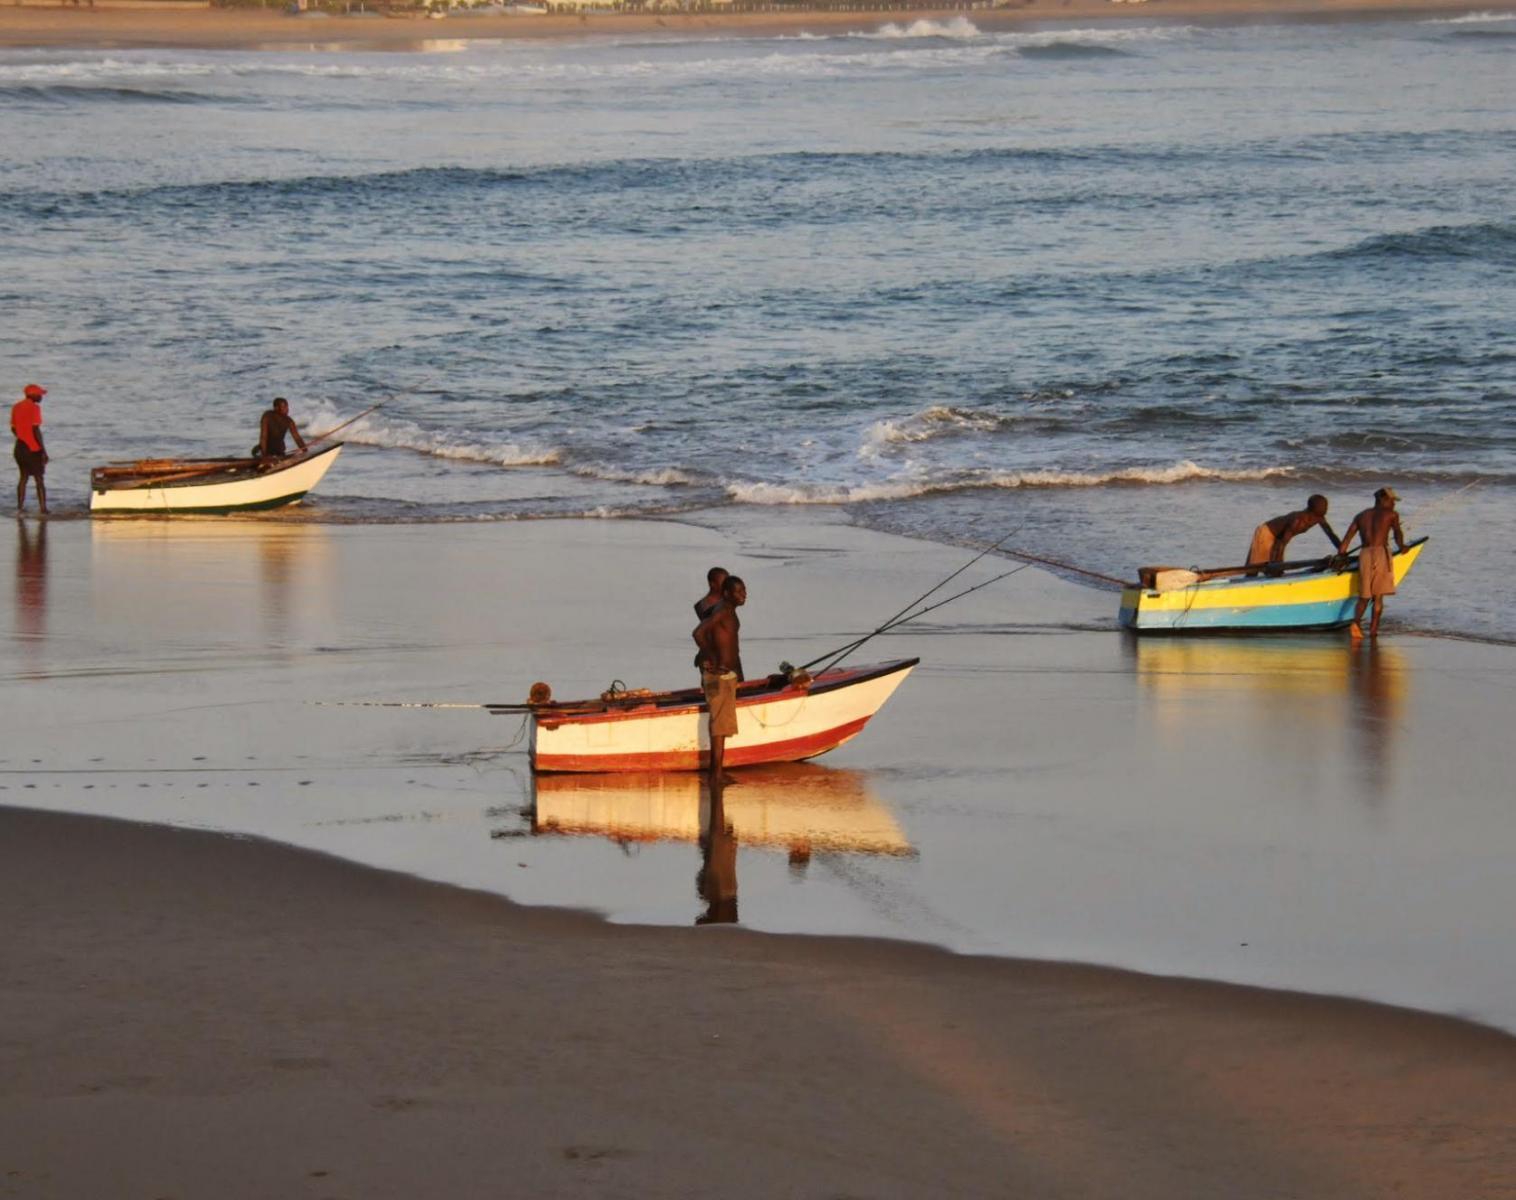 Mozambique  Mozambique : safari et Océan Indien   Découverte Safari Navigation Apnée & Plongée